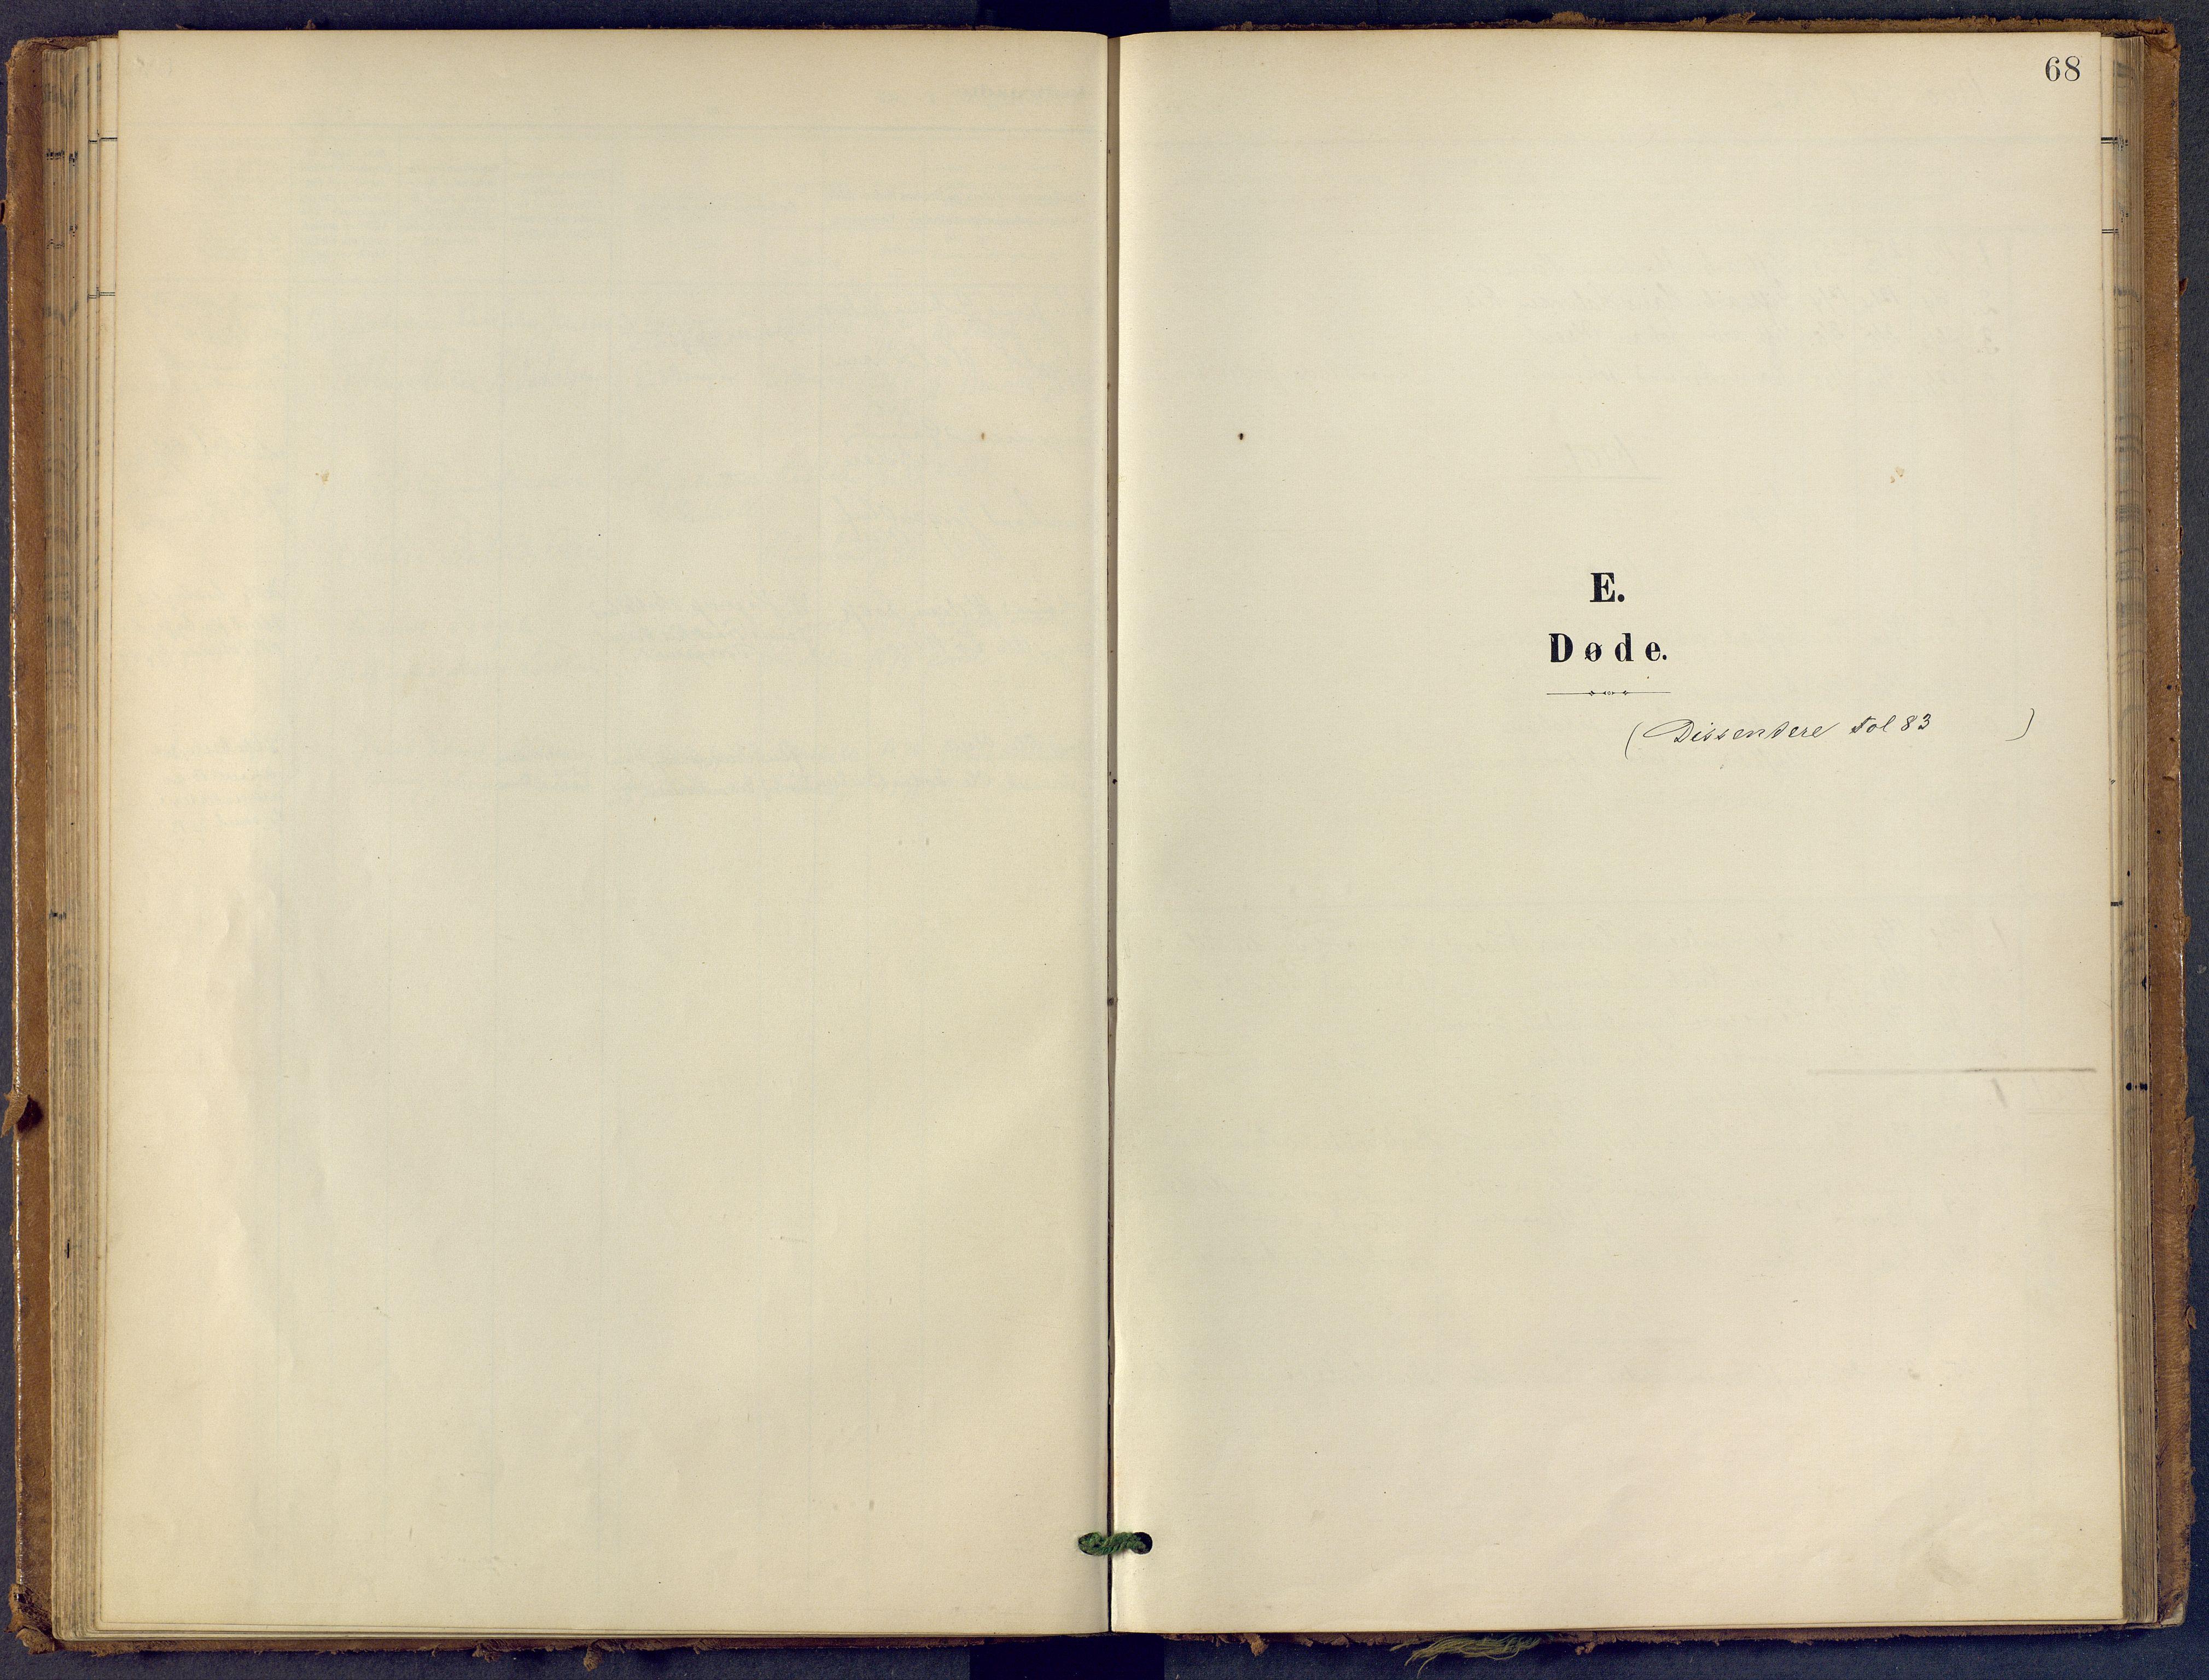 SAKO, Bamble kirkebøker, F/Fb/L0002: Ministerialbok nr. II 2, 1900-1921, s. 68